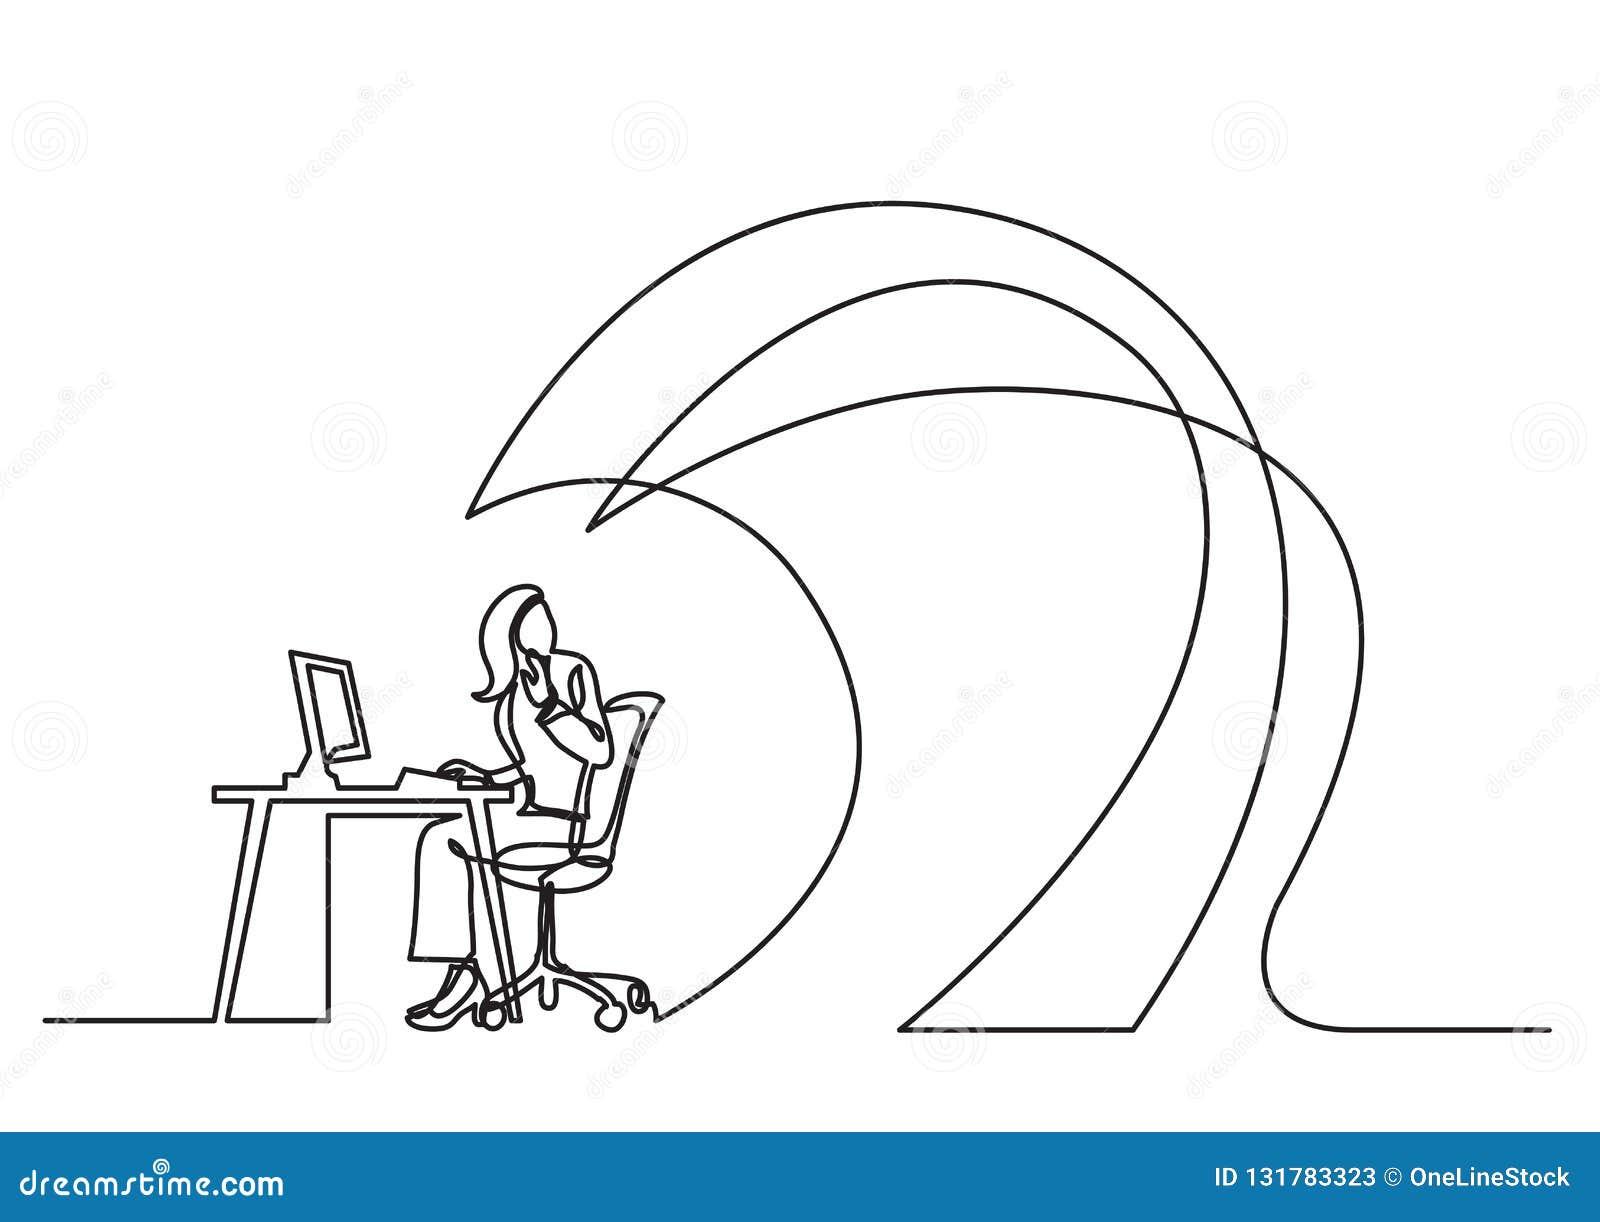 Ciągły kreskowy rysunek biznesowy pojęcie - urzędnik pod falami praca